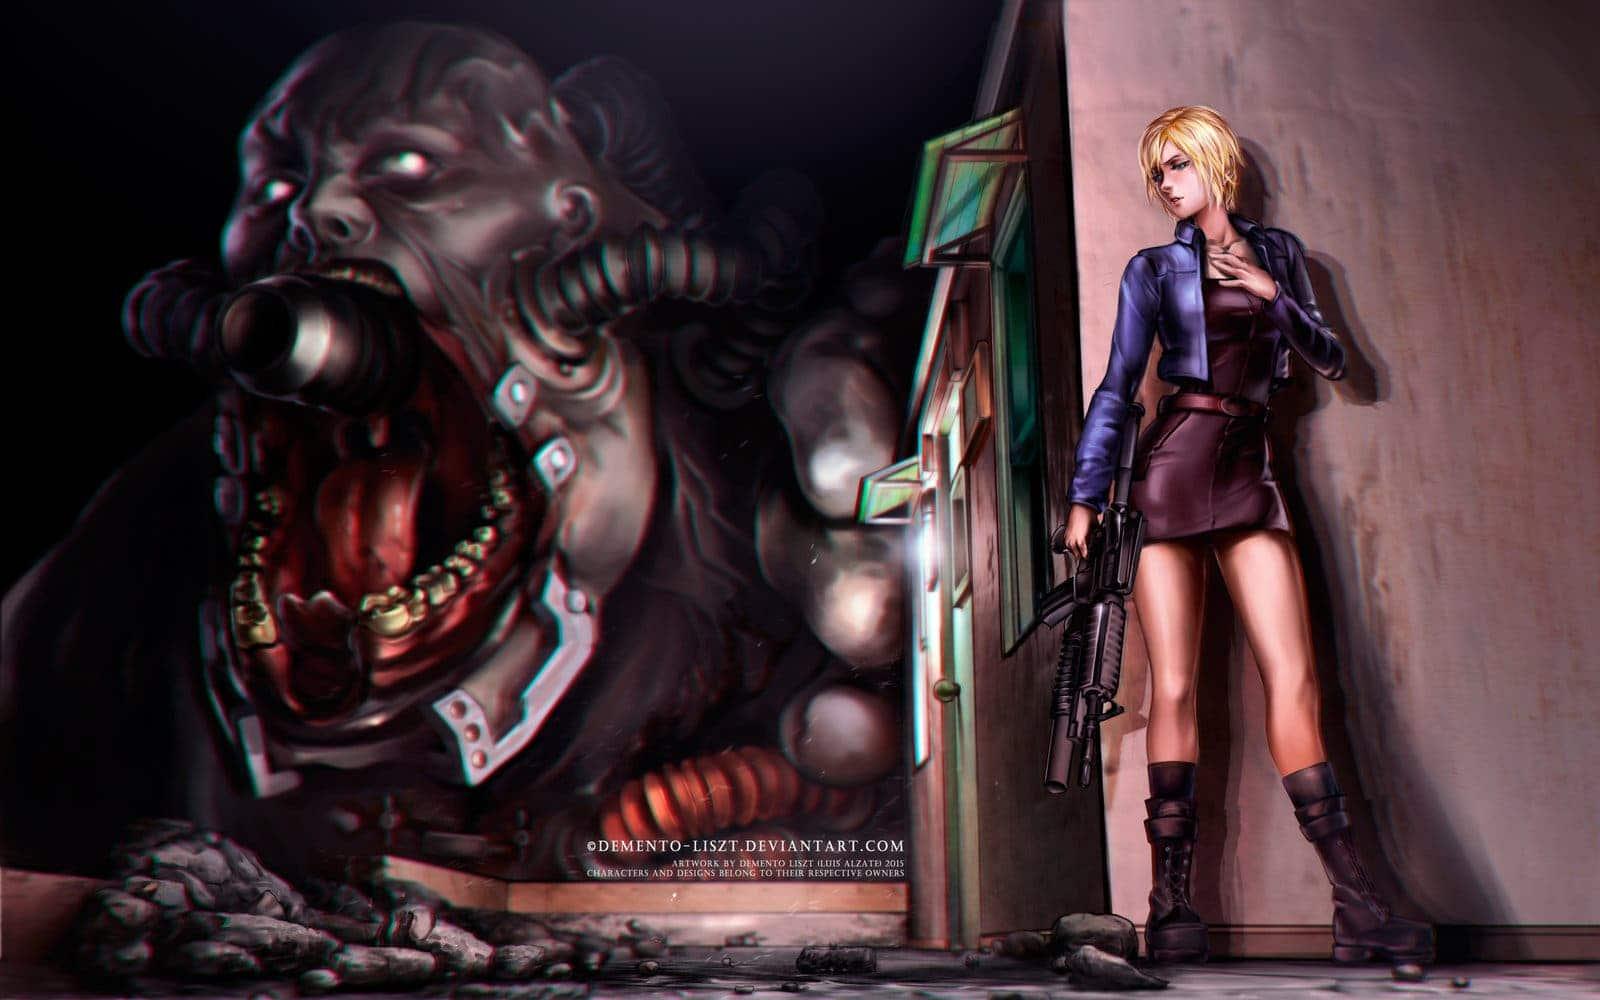 parasite_eve_2___battle_against_the_burner-GamersRD